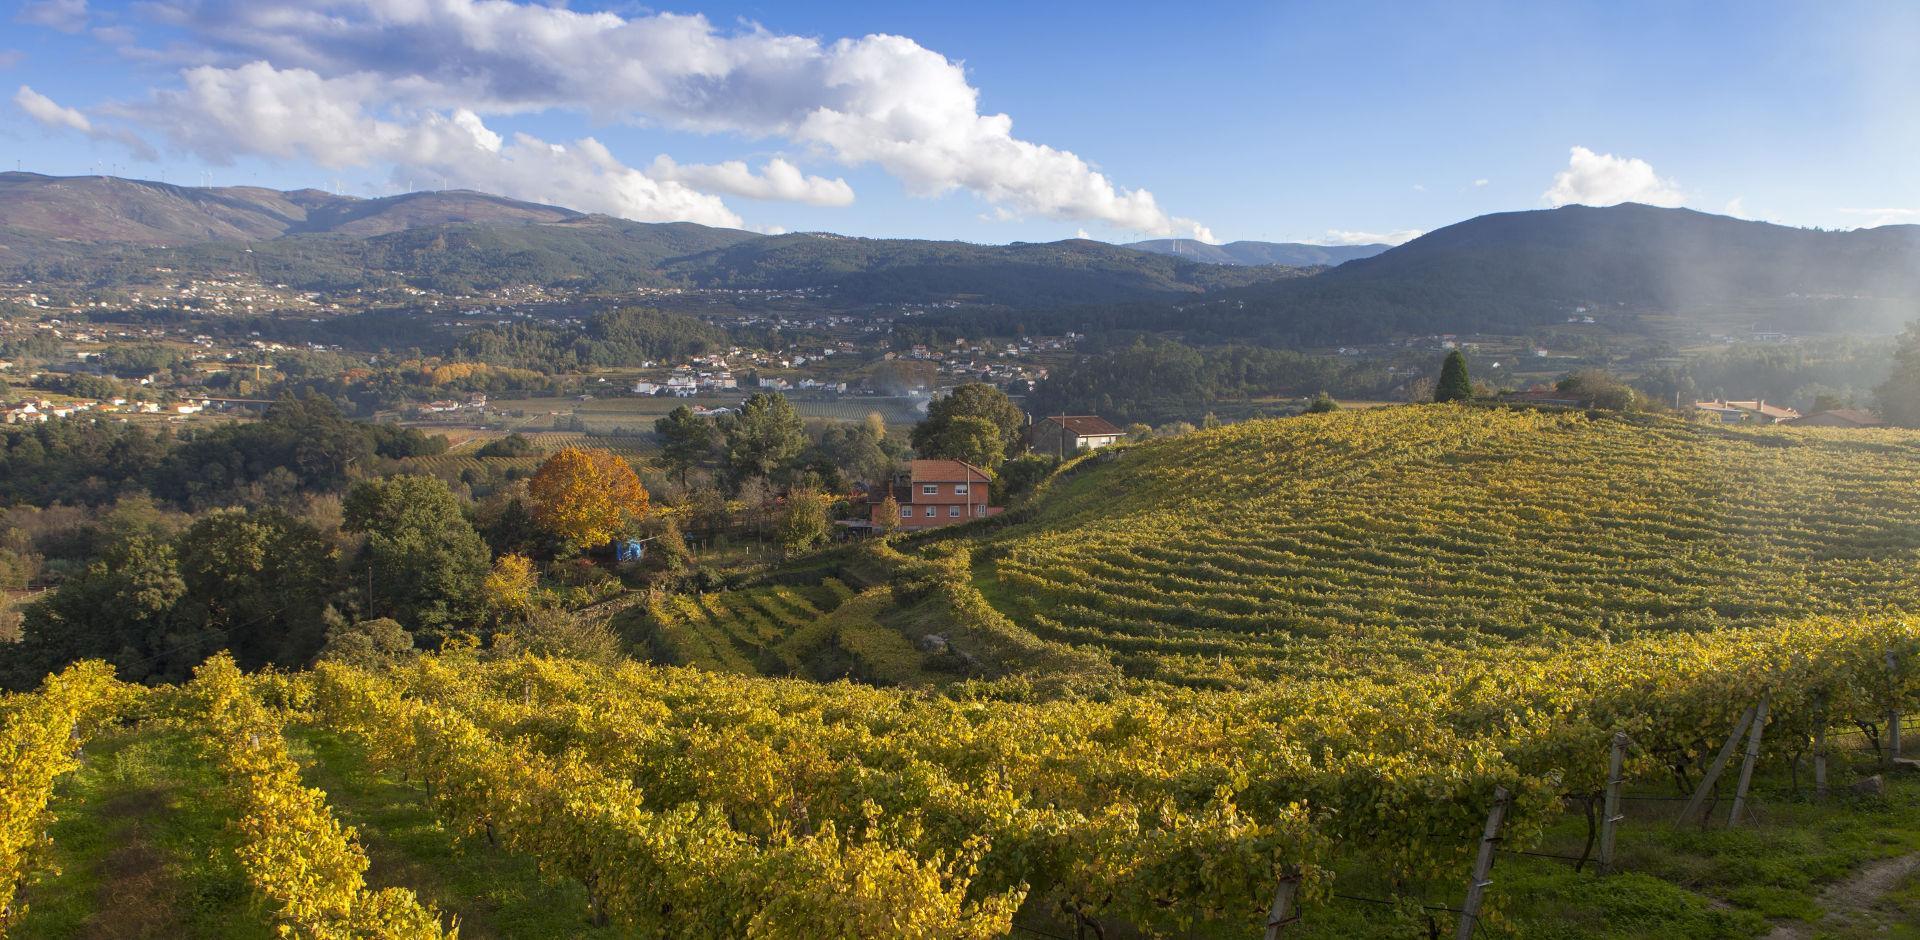 在顶级西班牙葡萄酒盛大品鉴会上,窥见多元的美好